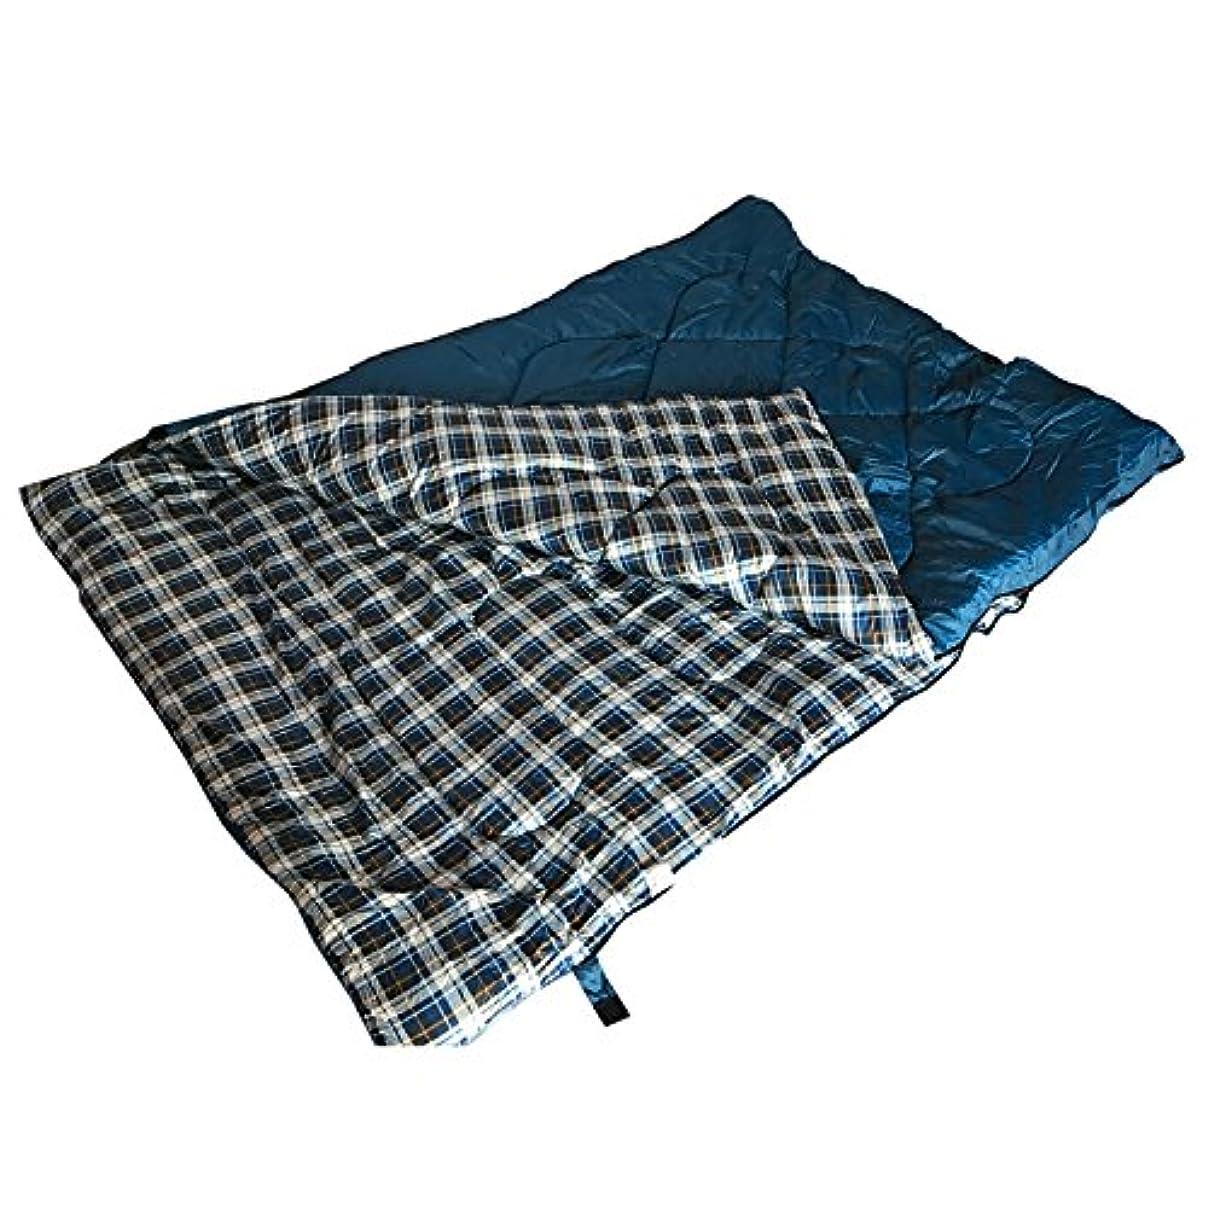 遠洋の自動車ロードハウス雑貨の国のアリス 寝袋 シュラフ スリーピングバッグ 2人用 ダブルサイズ 封筒型 ブルー 表裏分離可能 収納袋付き [並行輸入品]